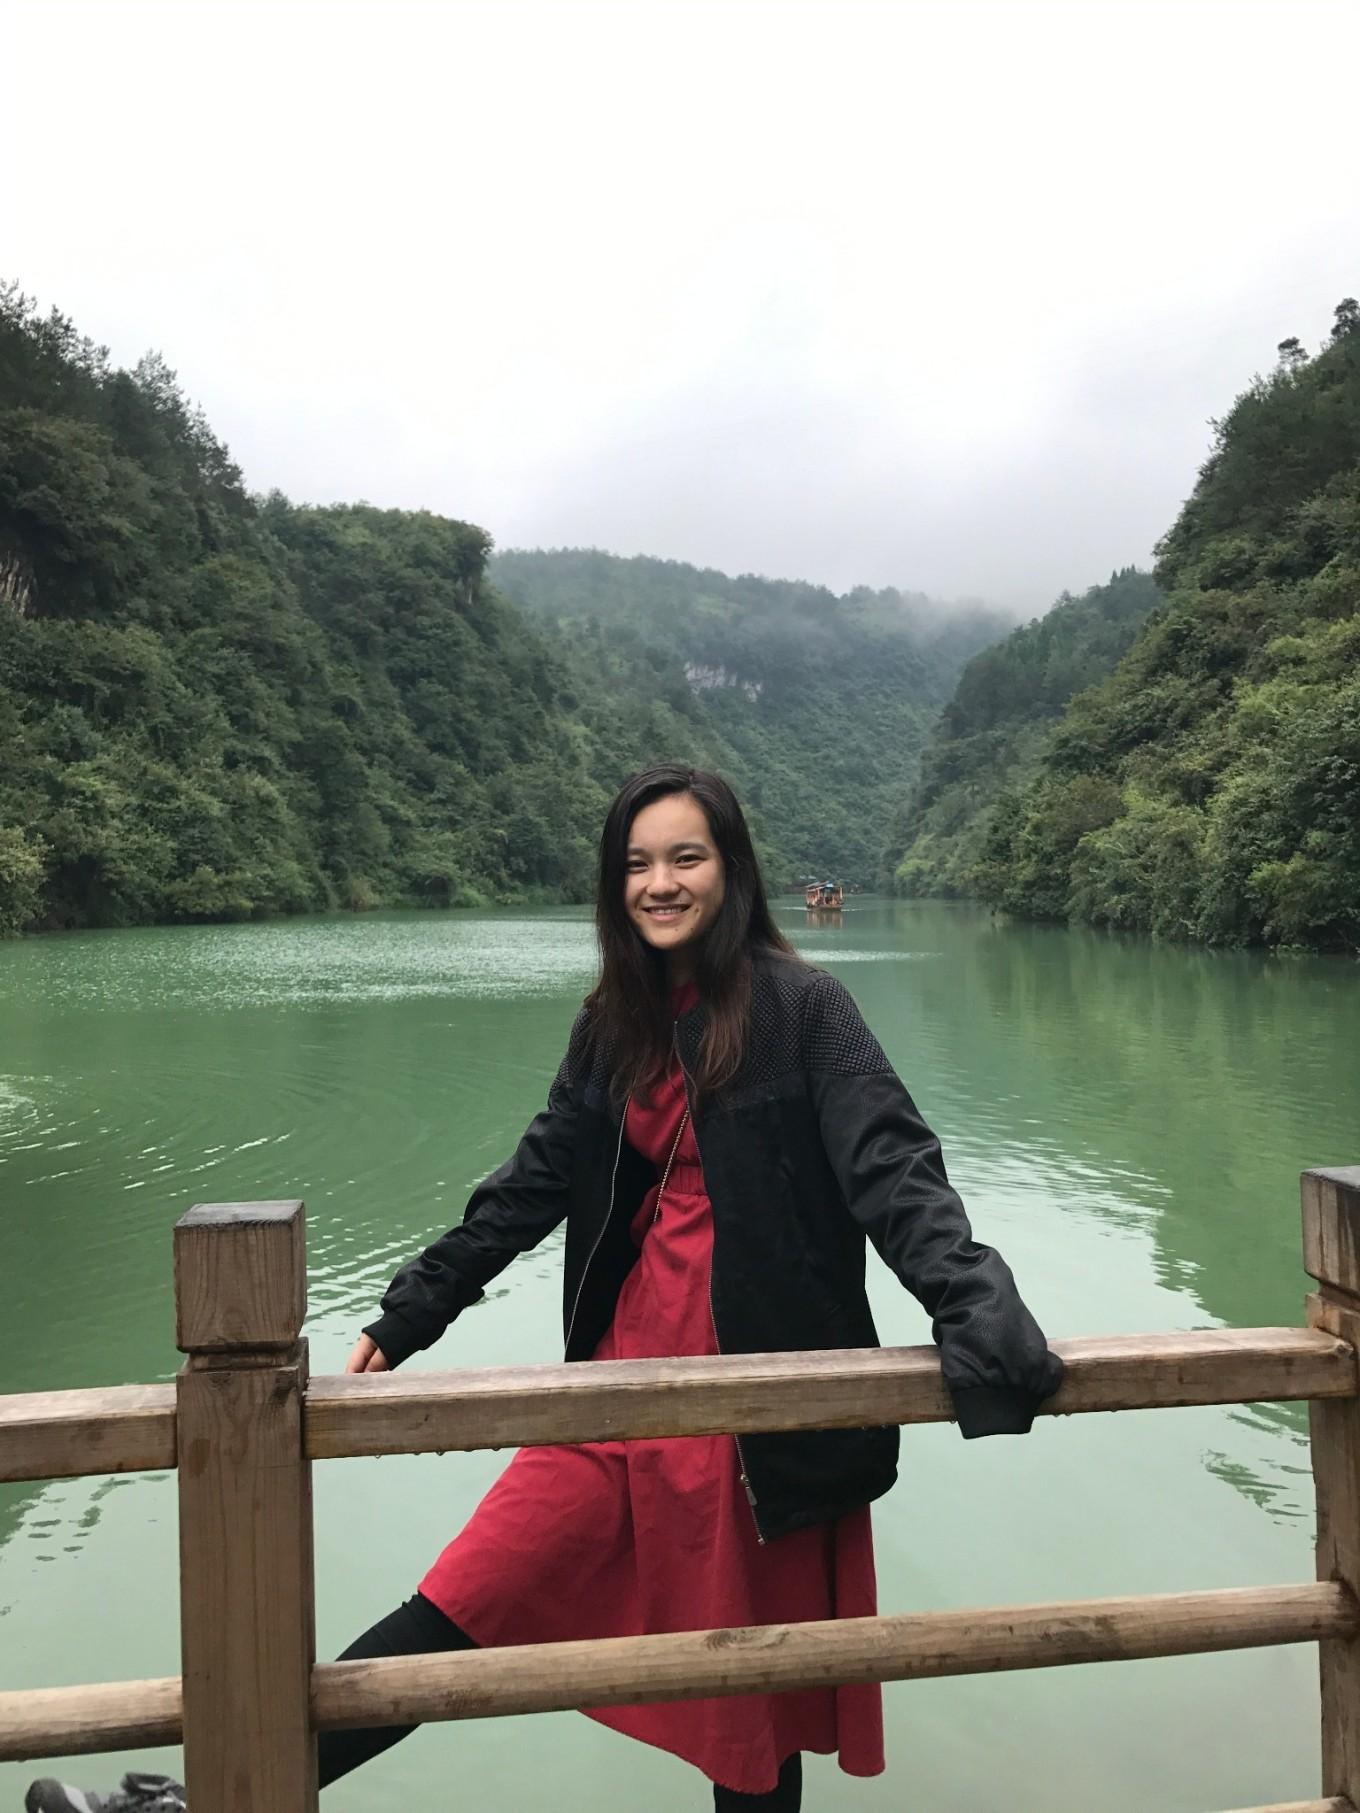 徐州到张家界森林公园,大峡谷玻璃桥四日游